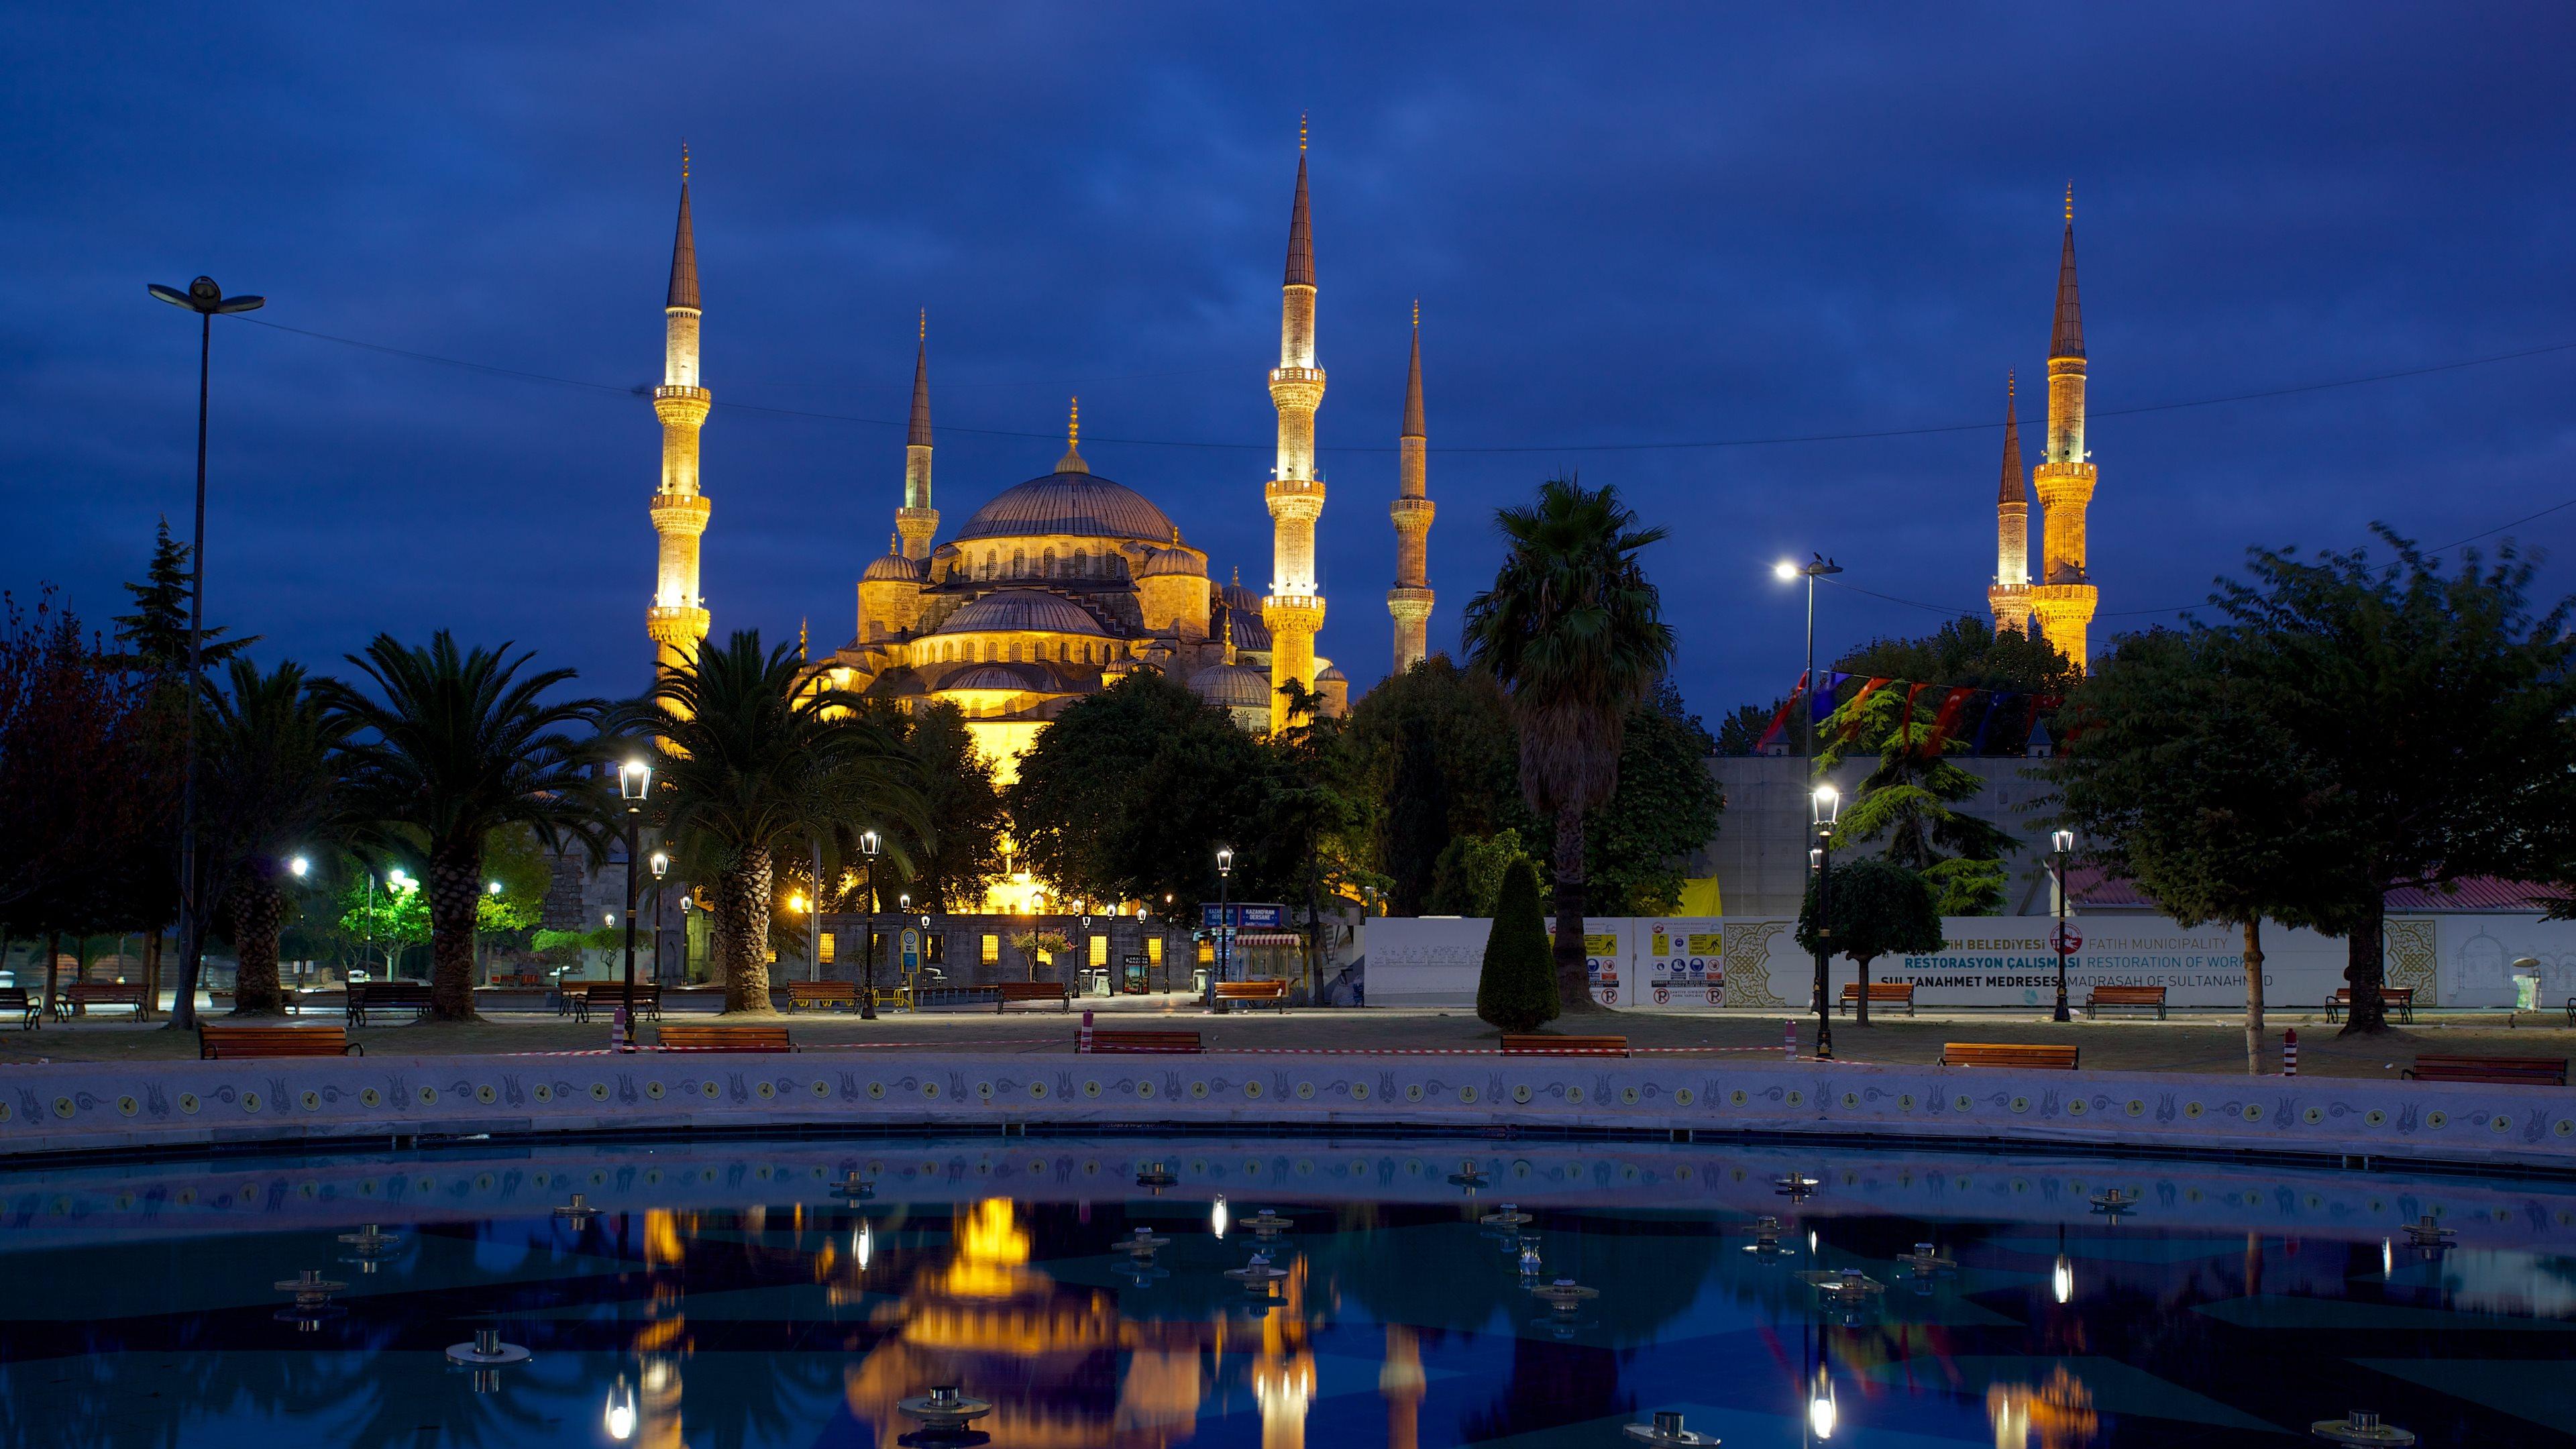 Mosque Fonds d'écran, Arrières-plan   3840x2160   ID:546575